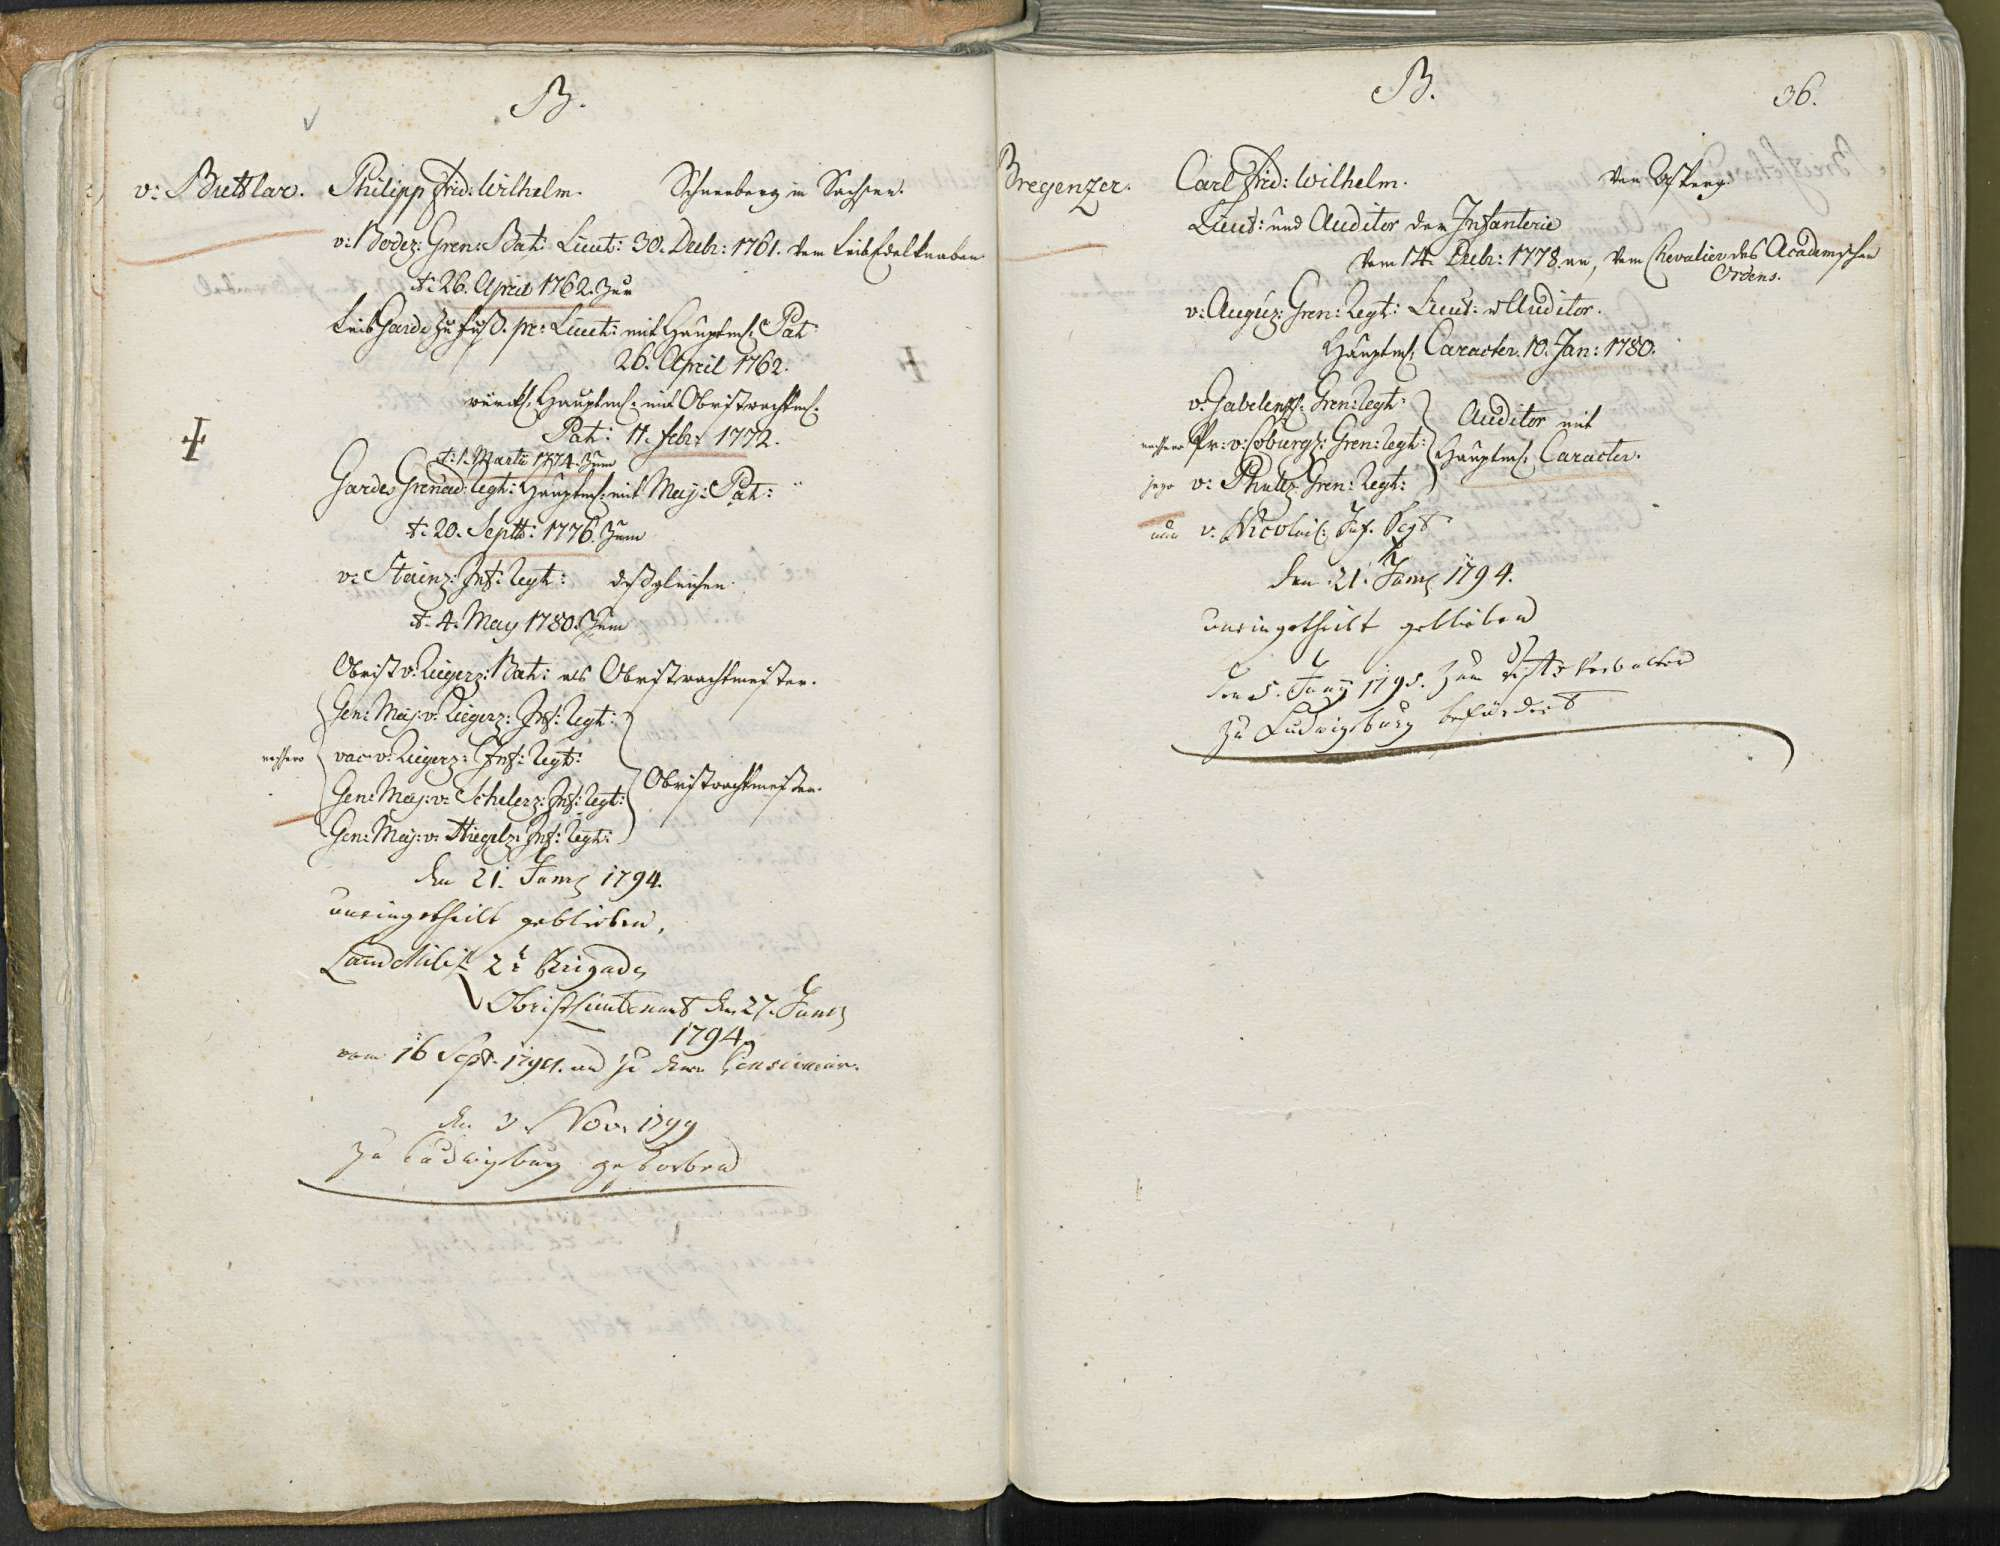 Bregenzer, Carl Friedrich Wilhelm, Bild 1